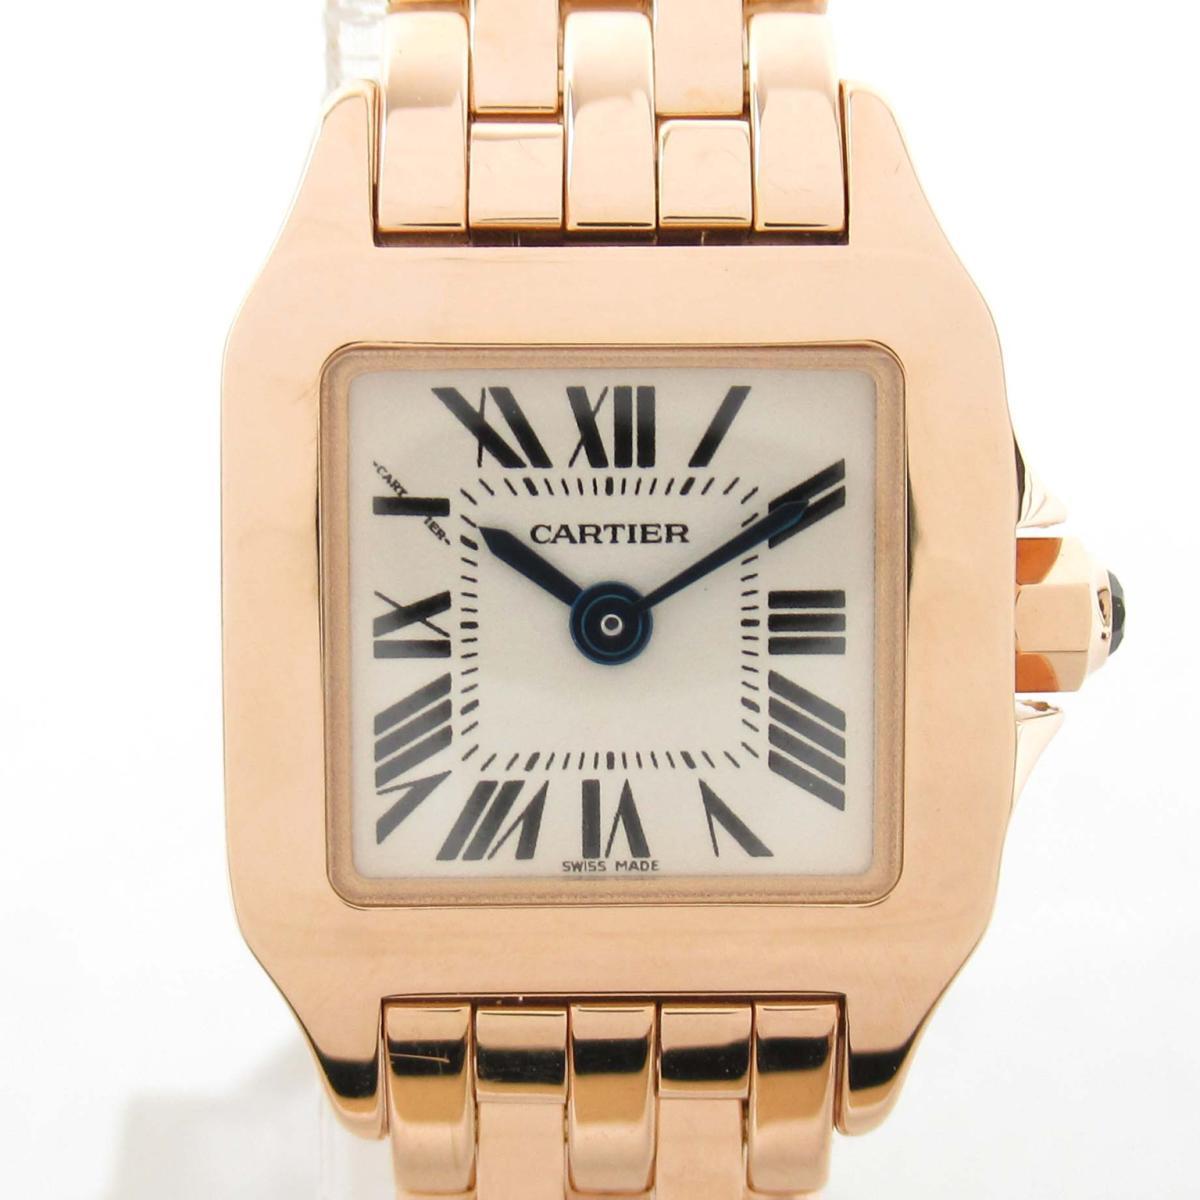 【中古】 カルティエ ミニ サントス ドゥモワゼル ウォッチ 腕時計 レディース K18PG (750)ピンクゴールド   Cartier BRANDOFF ブランドオフ ブランド ブランド時計 ブランド腕時計 時計